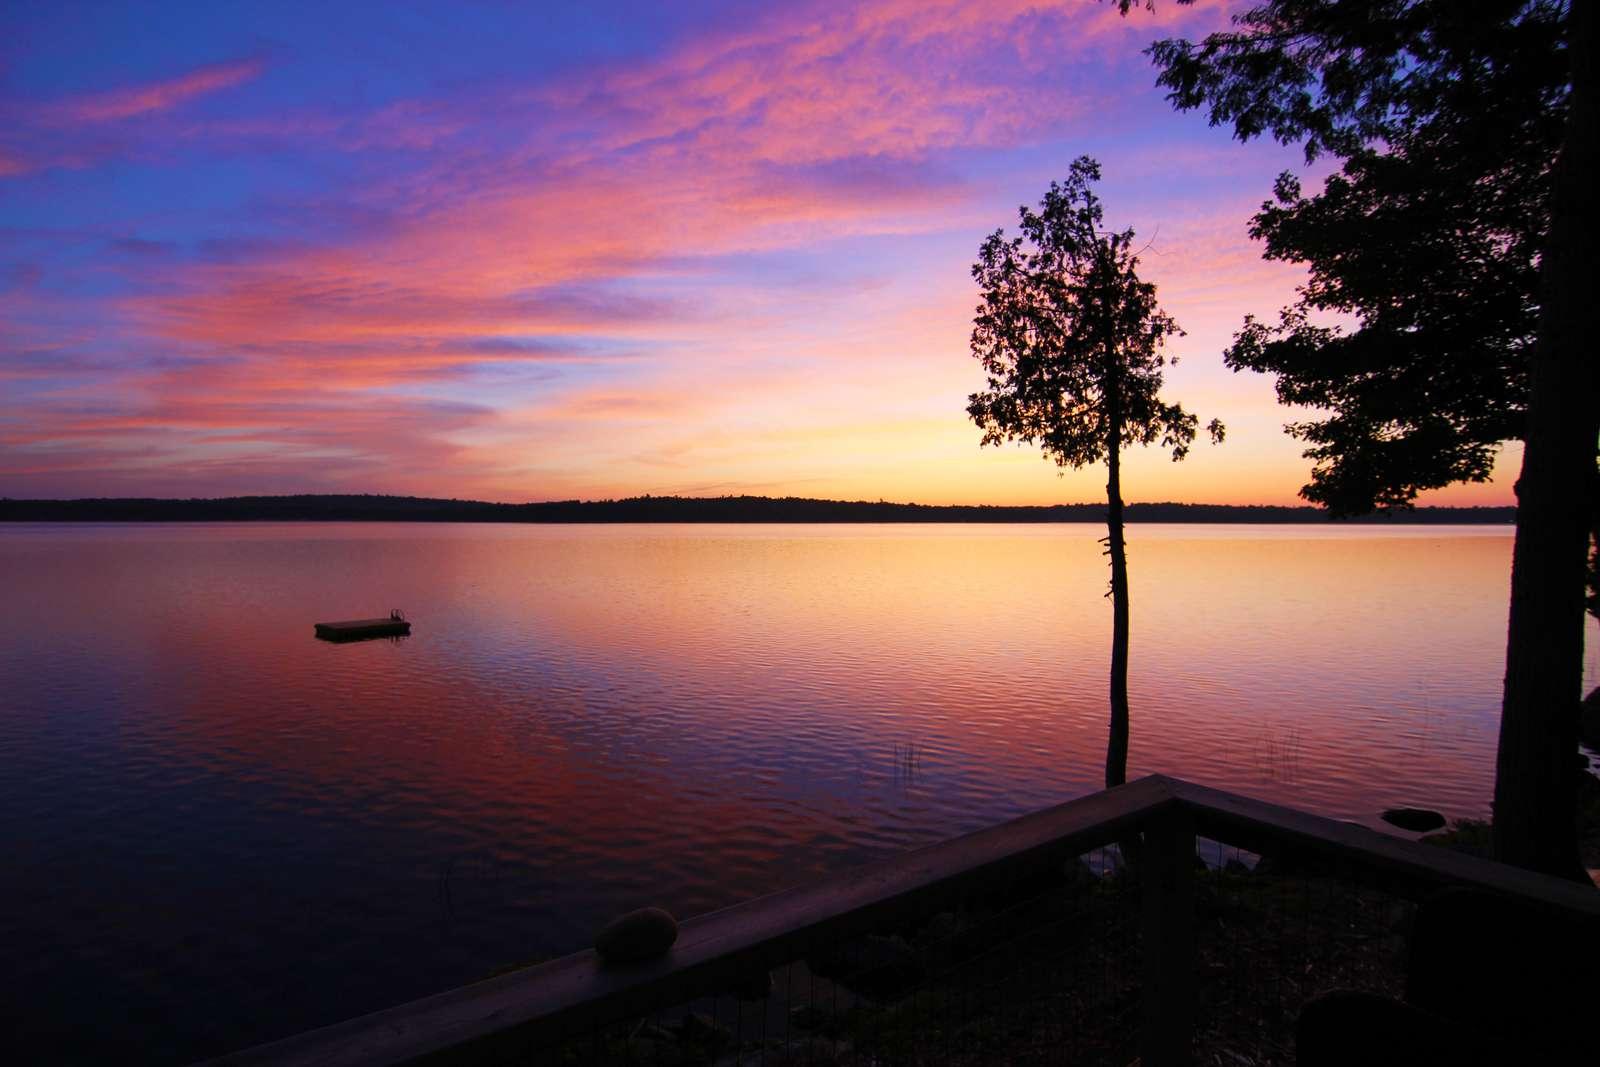 Sunrise on Beech Hill Pond - property